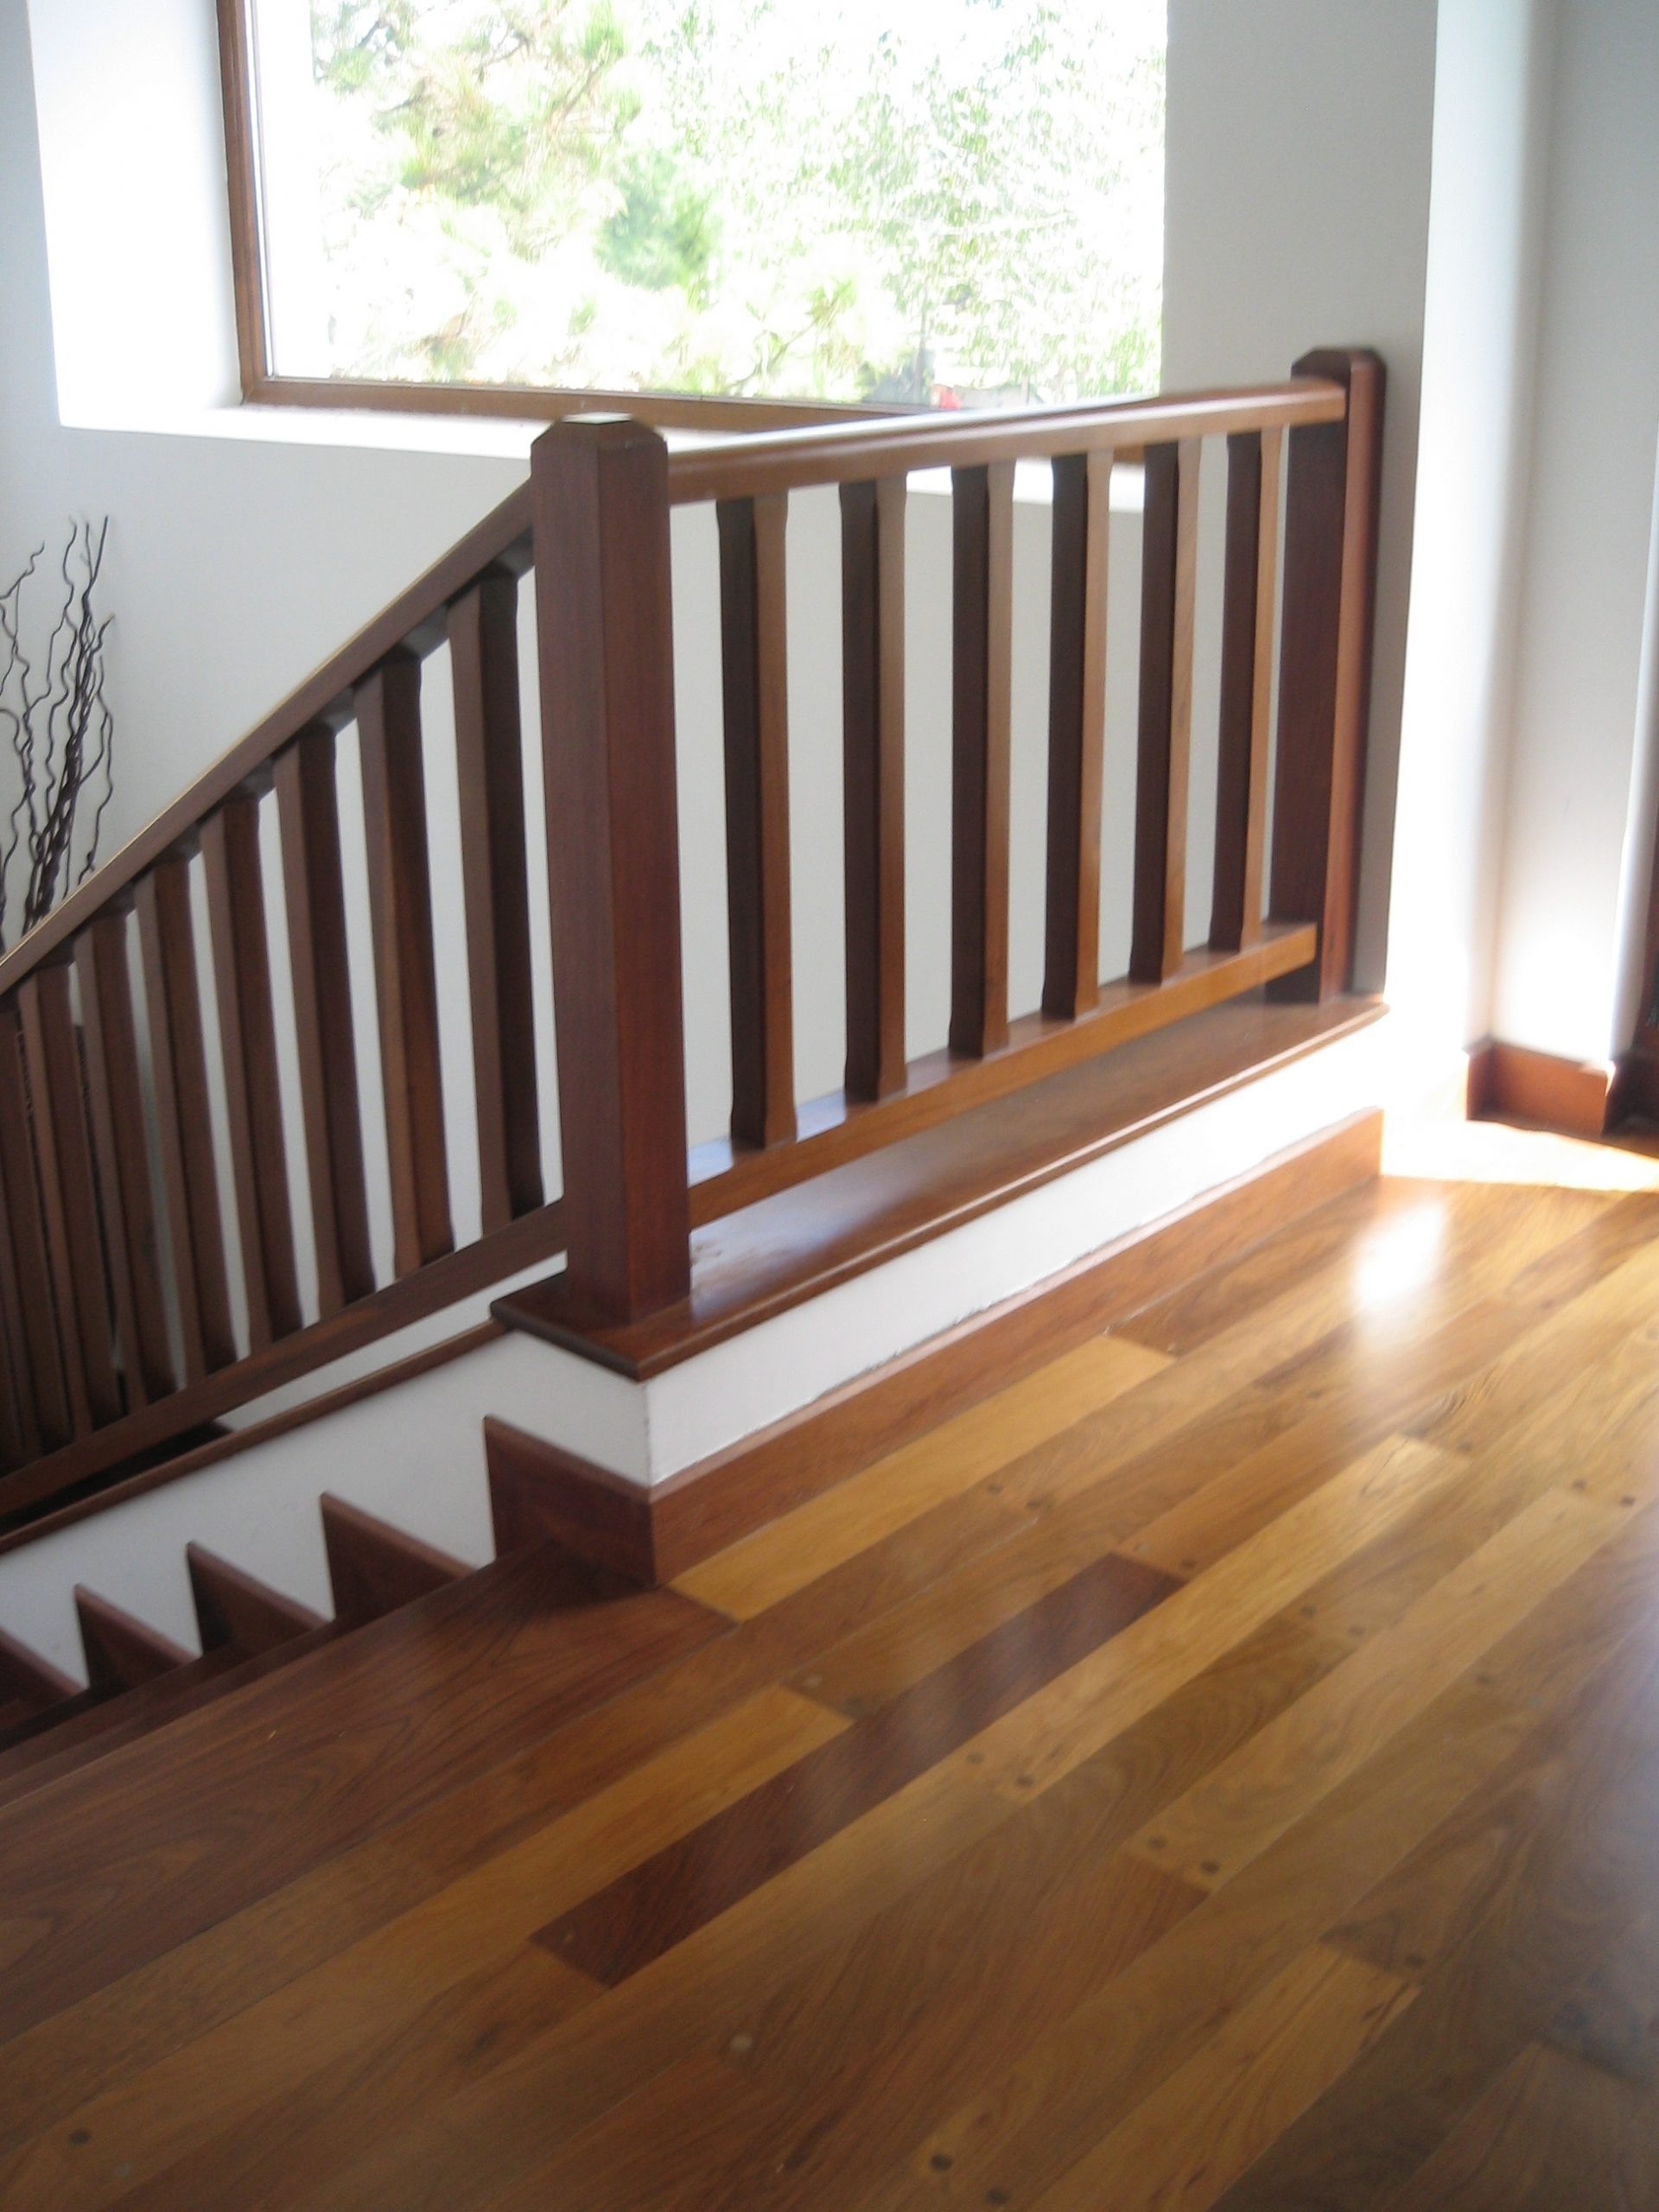 Escaleras, trabajos a medida